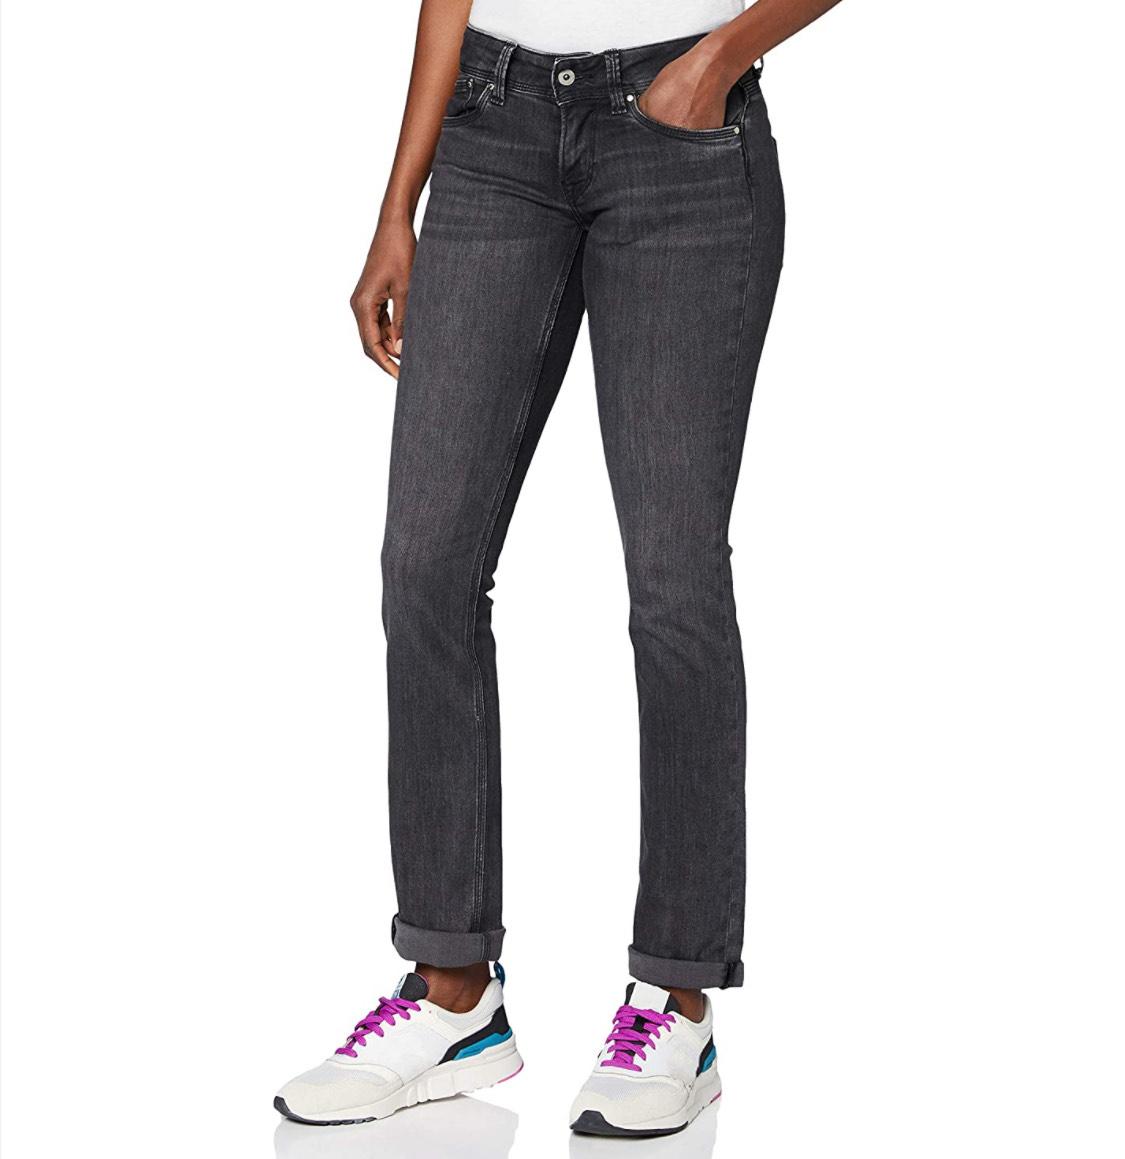 Vaqueros Pepe Jeans mujer talla 33W/34L (42 largo)